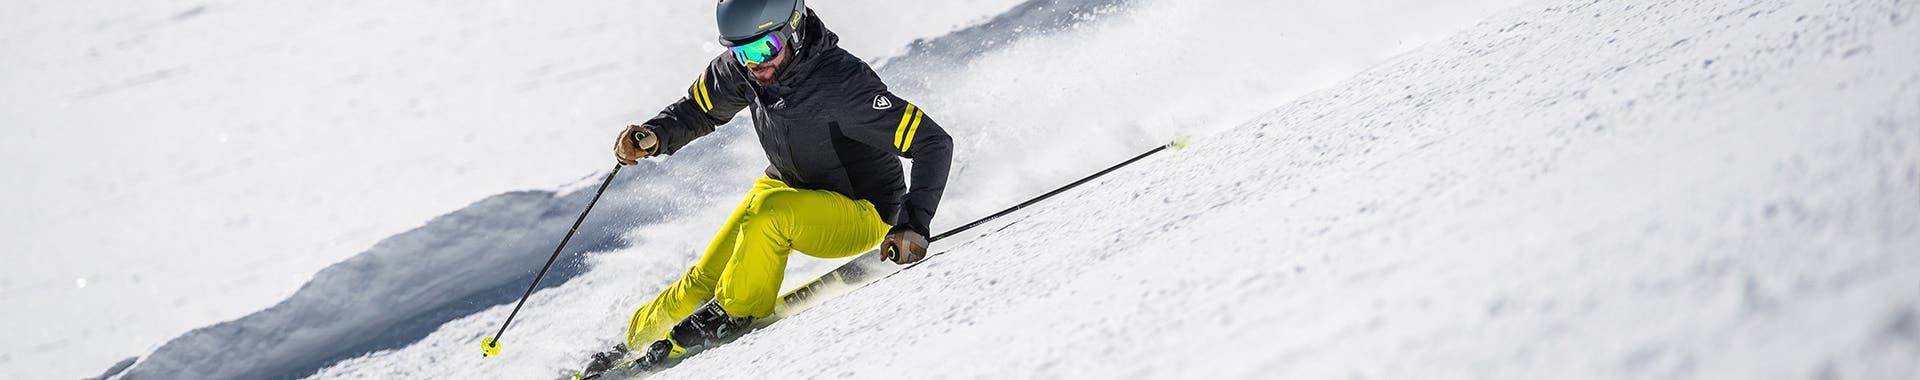 Pisten-Ski